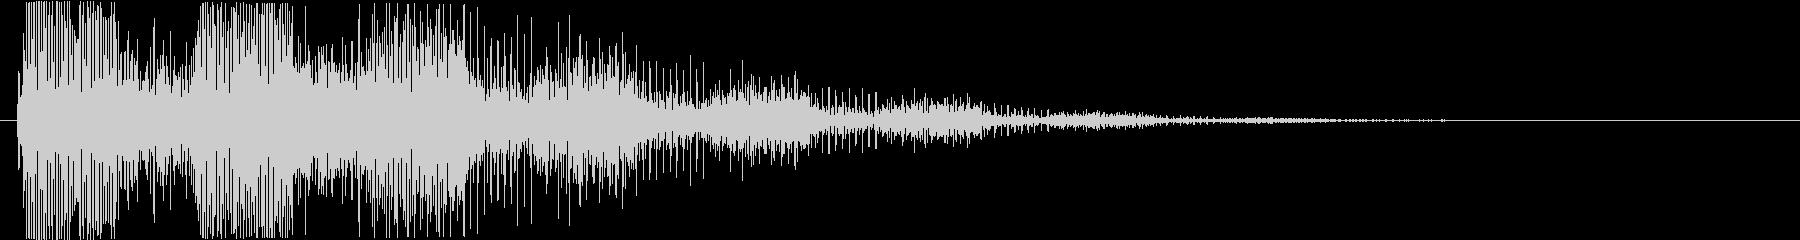 プッ:ラッパの音・失敗・バカにするdの未再生の波形